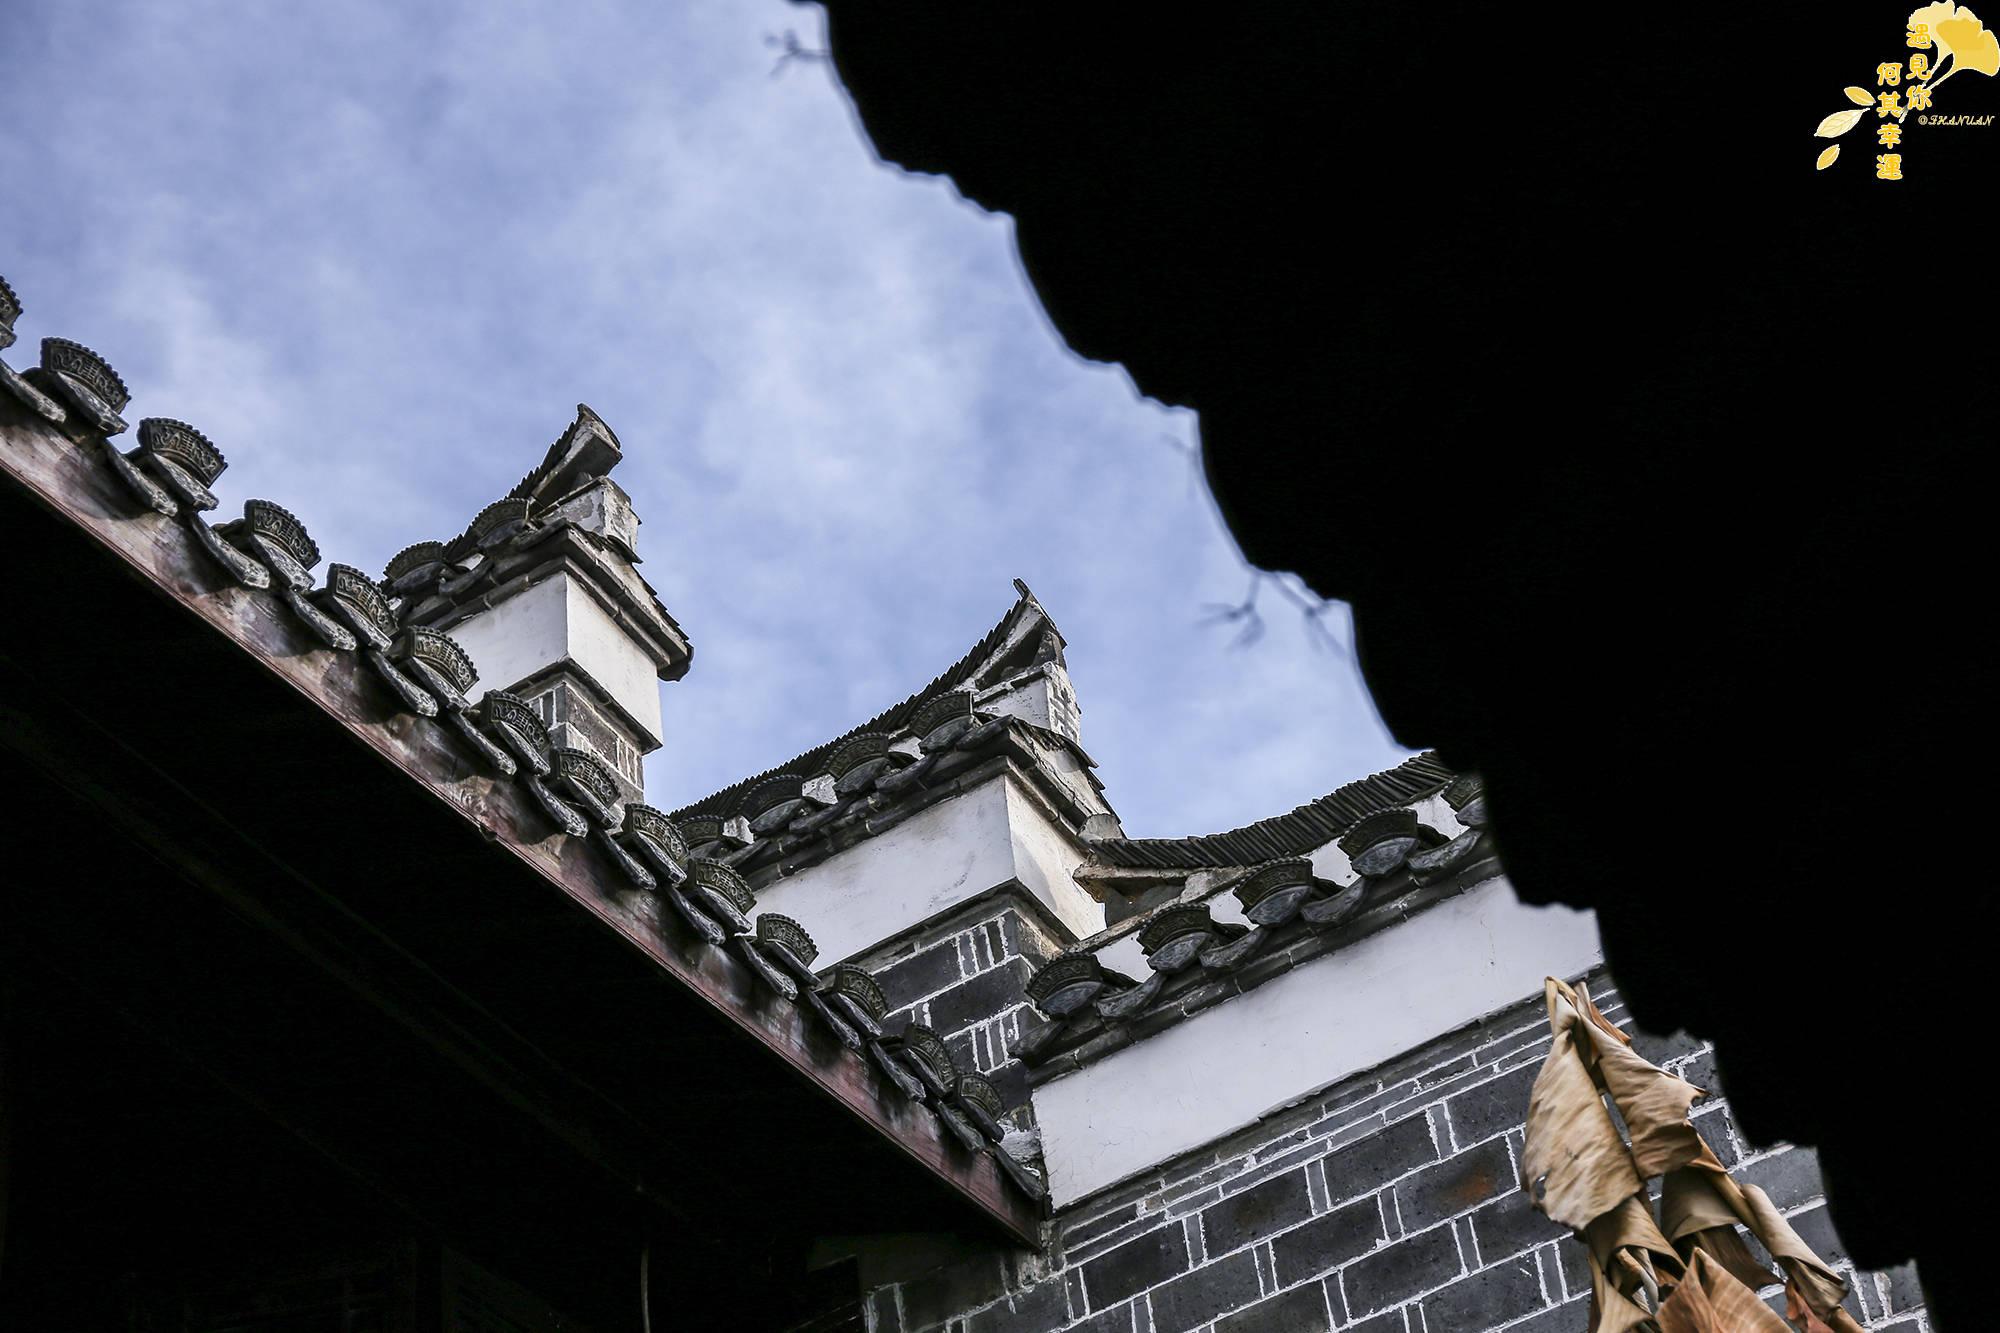 安徽这个百万人口大县,有省内唯一的侨乡,更有高铁站的千年古镇